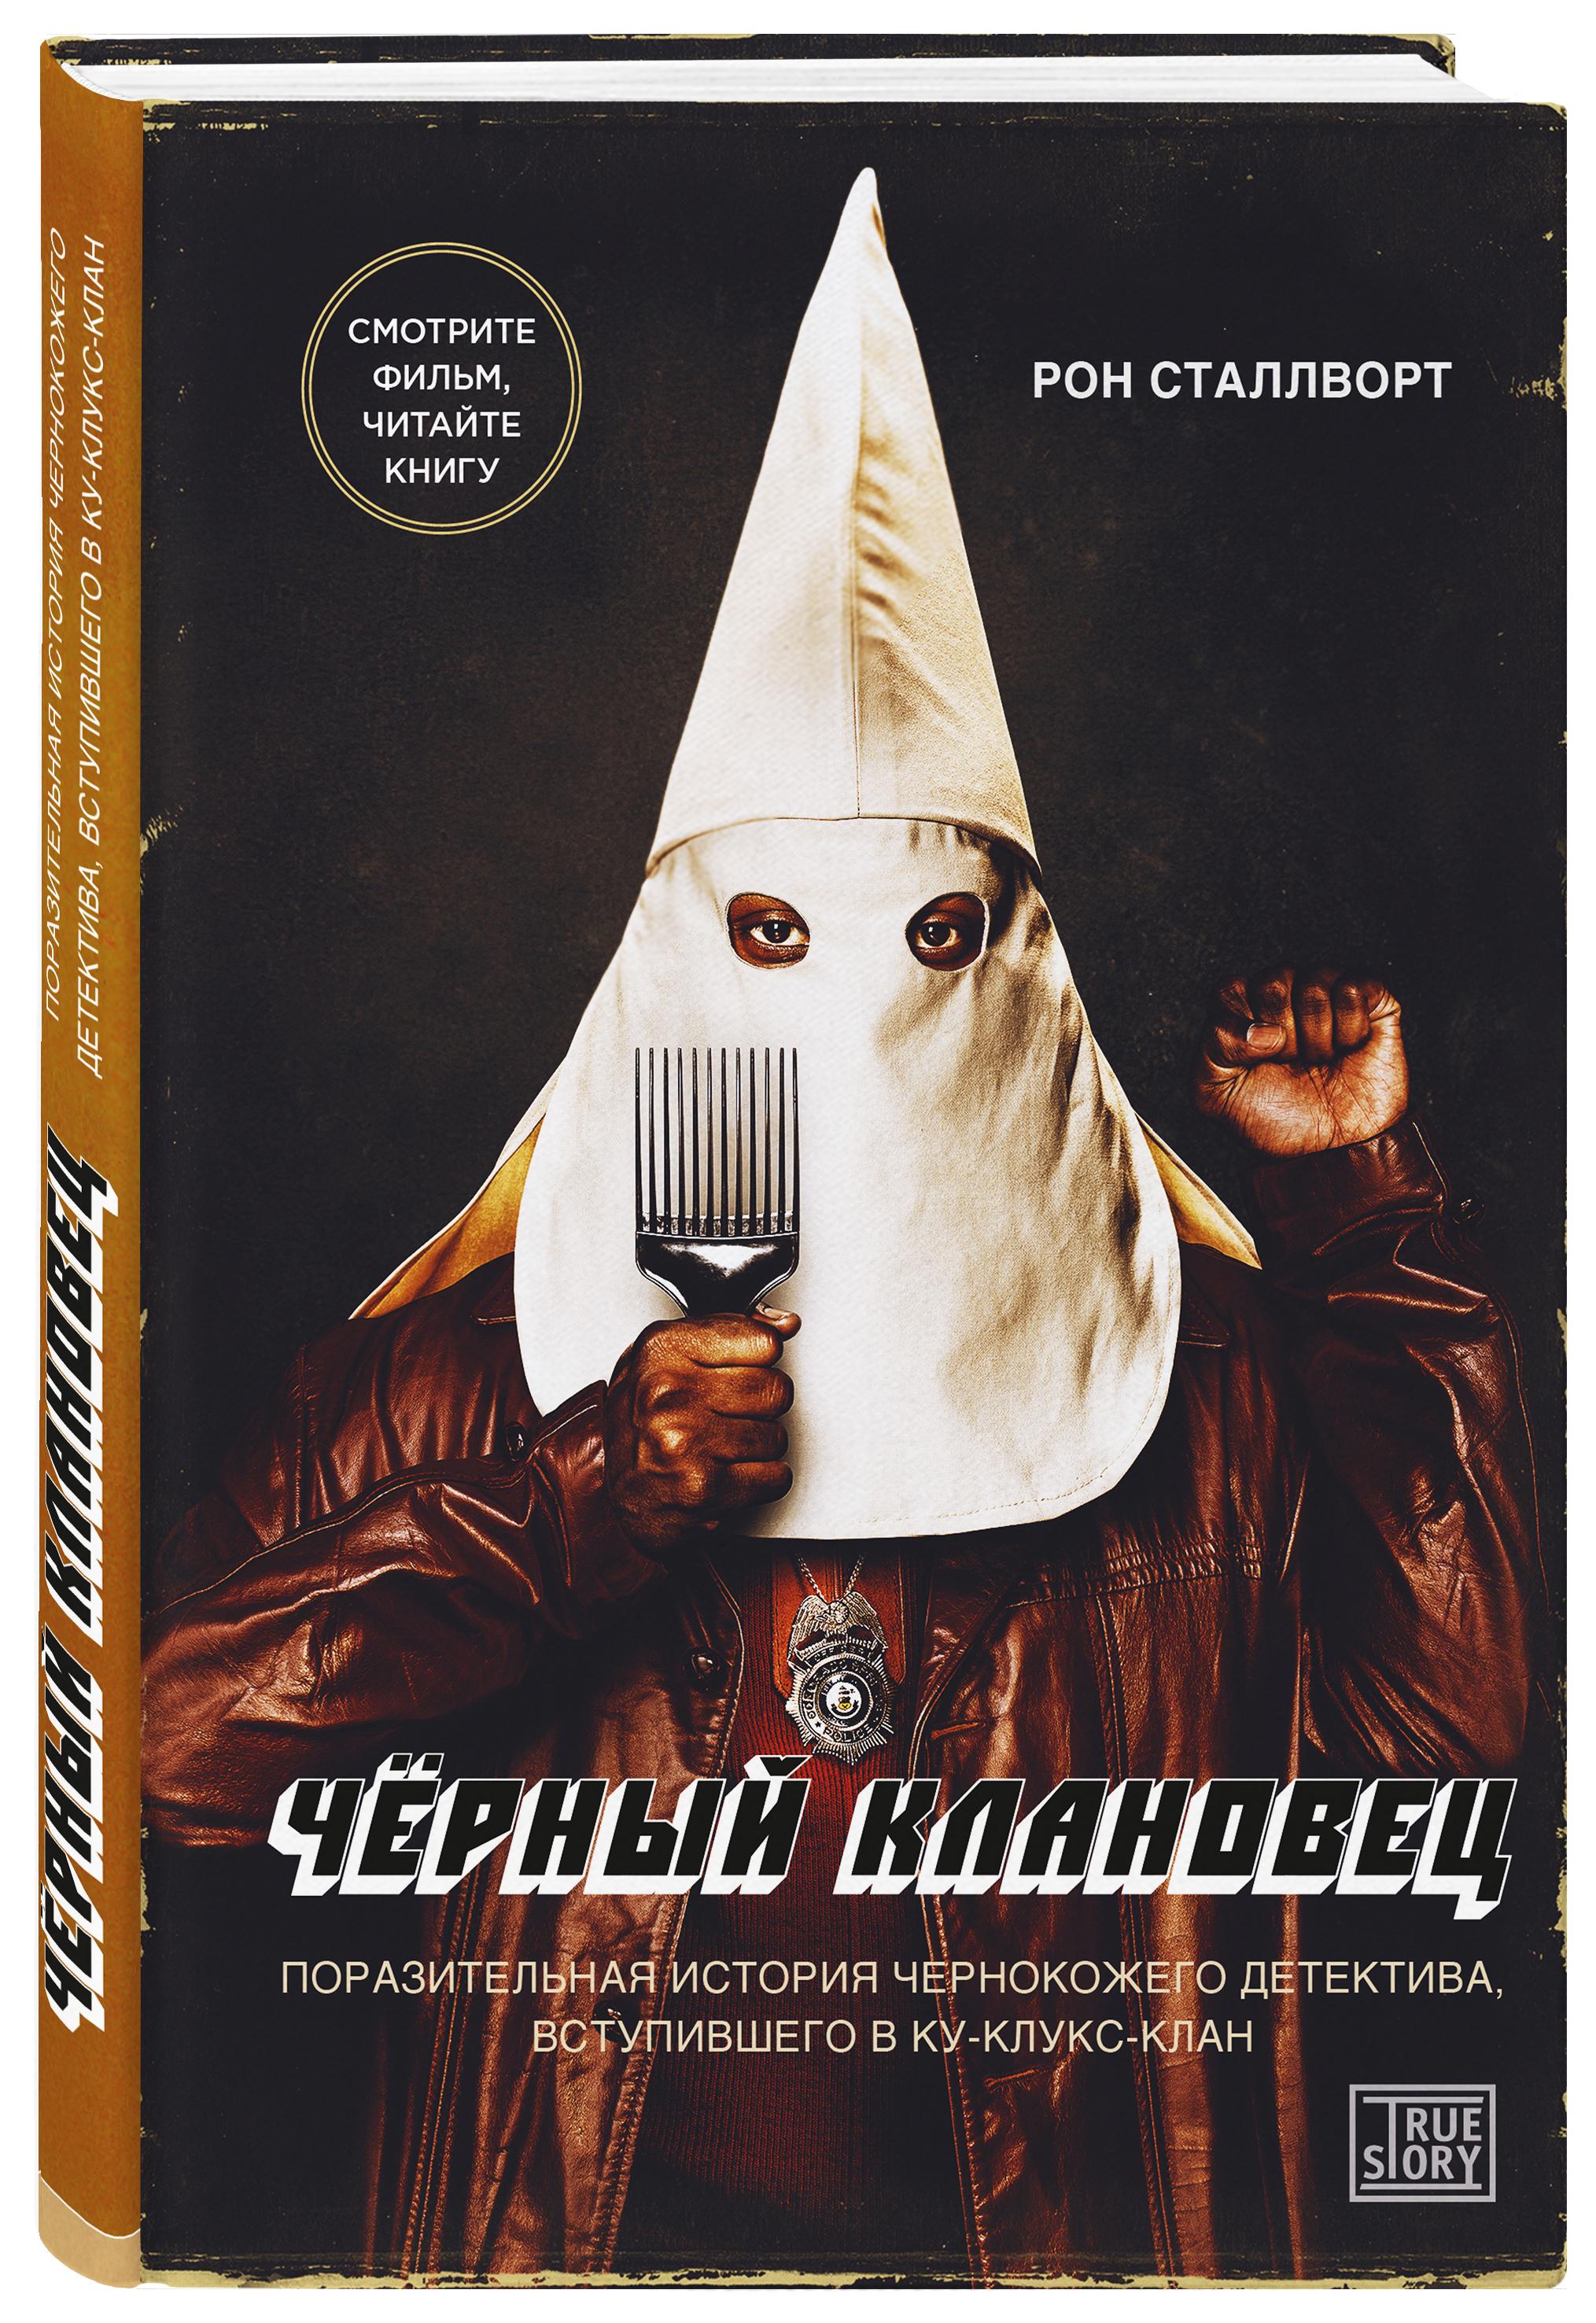 Рон Сталлворт Черный клановец. Поразительная история чернокожего детектива, вступившего в Ку-клукс-клан (кинообложка)